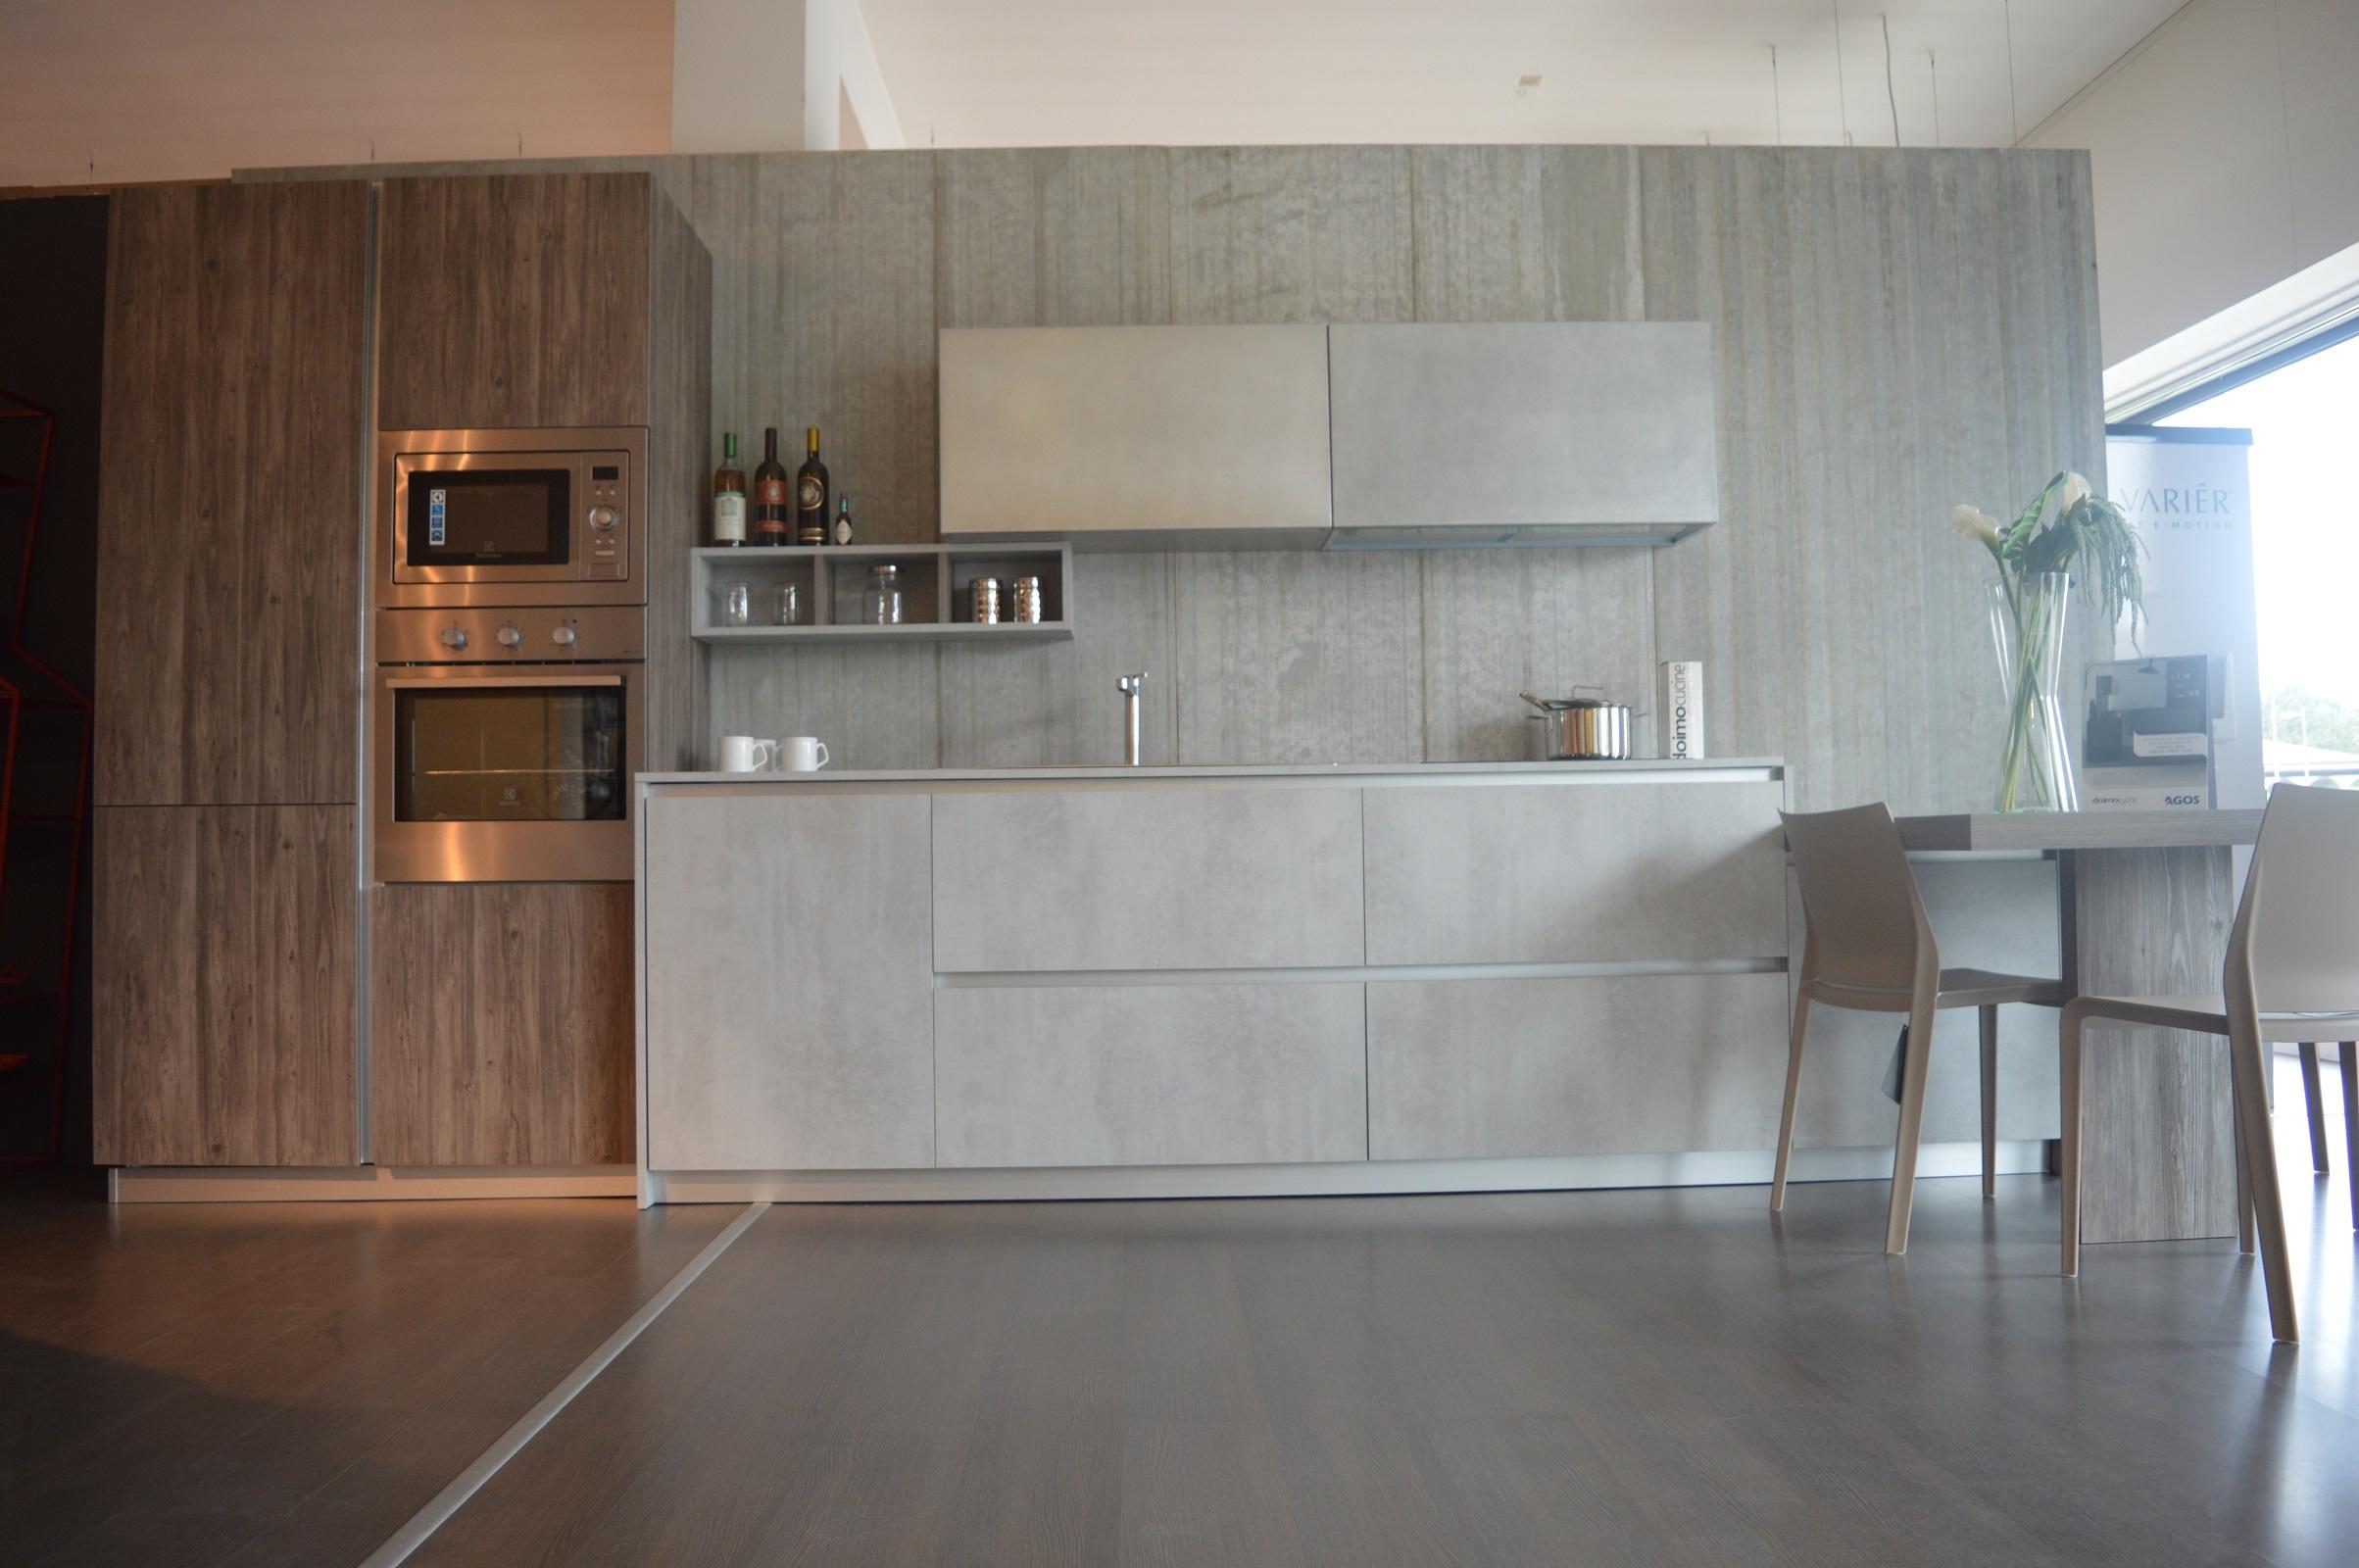 Prezzi Cucine Doimo - Home Design E Interior Ideas - Cynamix.net